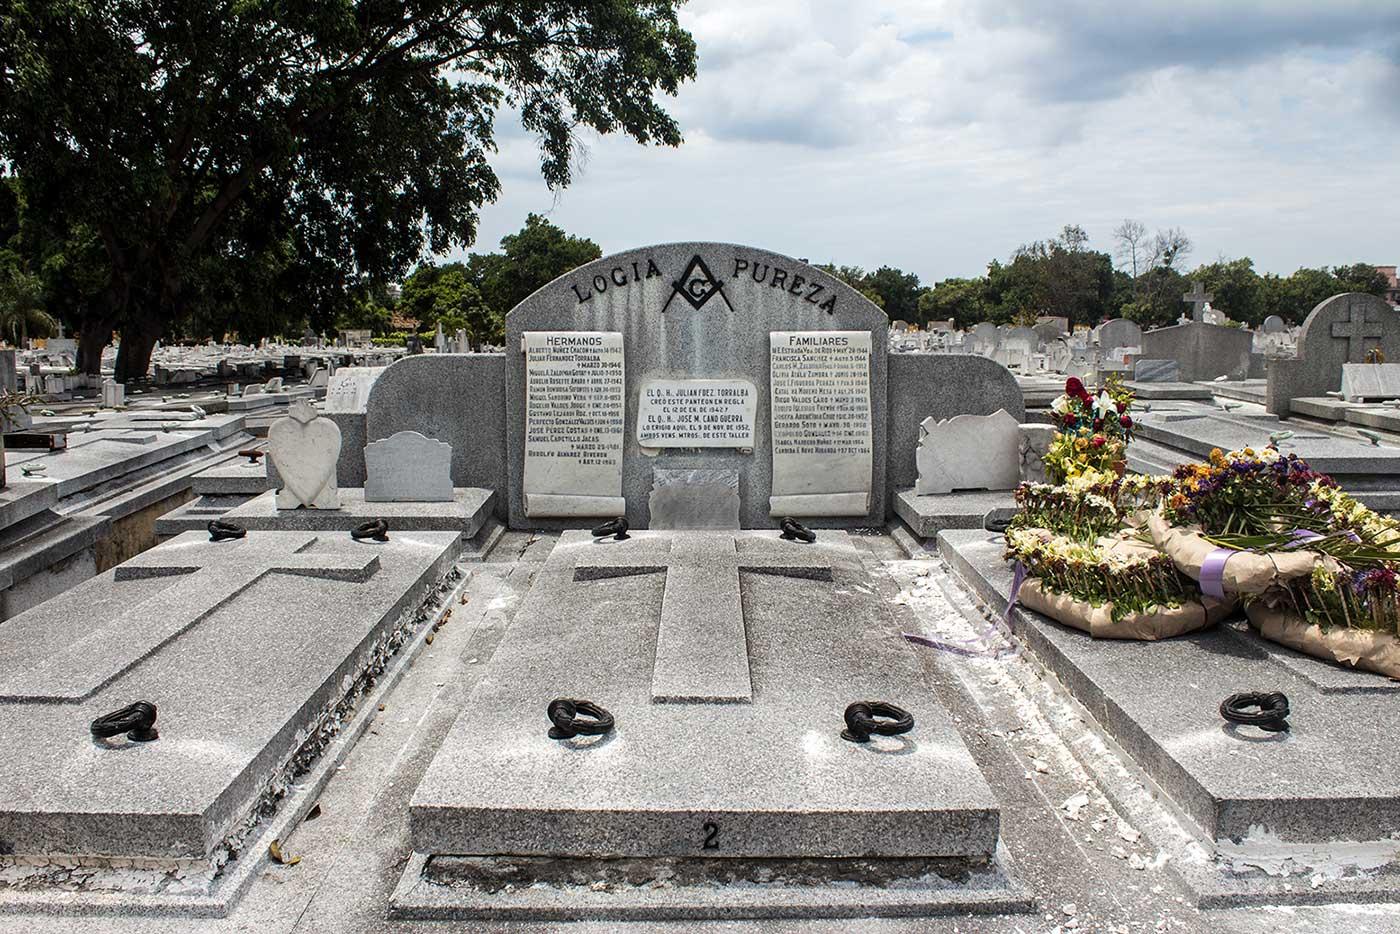 Memorial plot for 'Logia Pureza': Necrópolis Cristóbal Colón, Havana, Cuba.